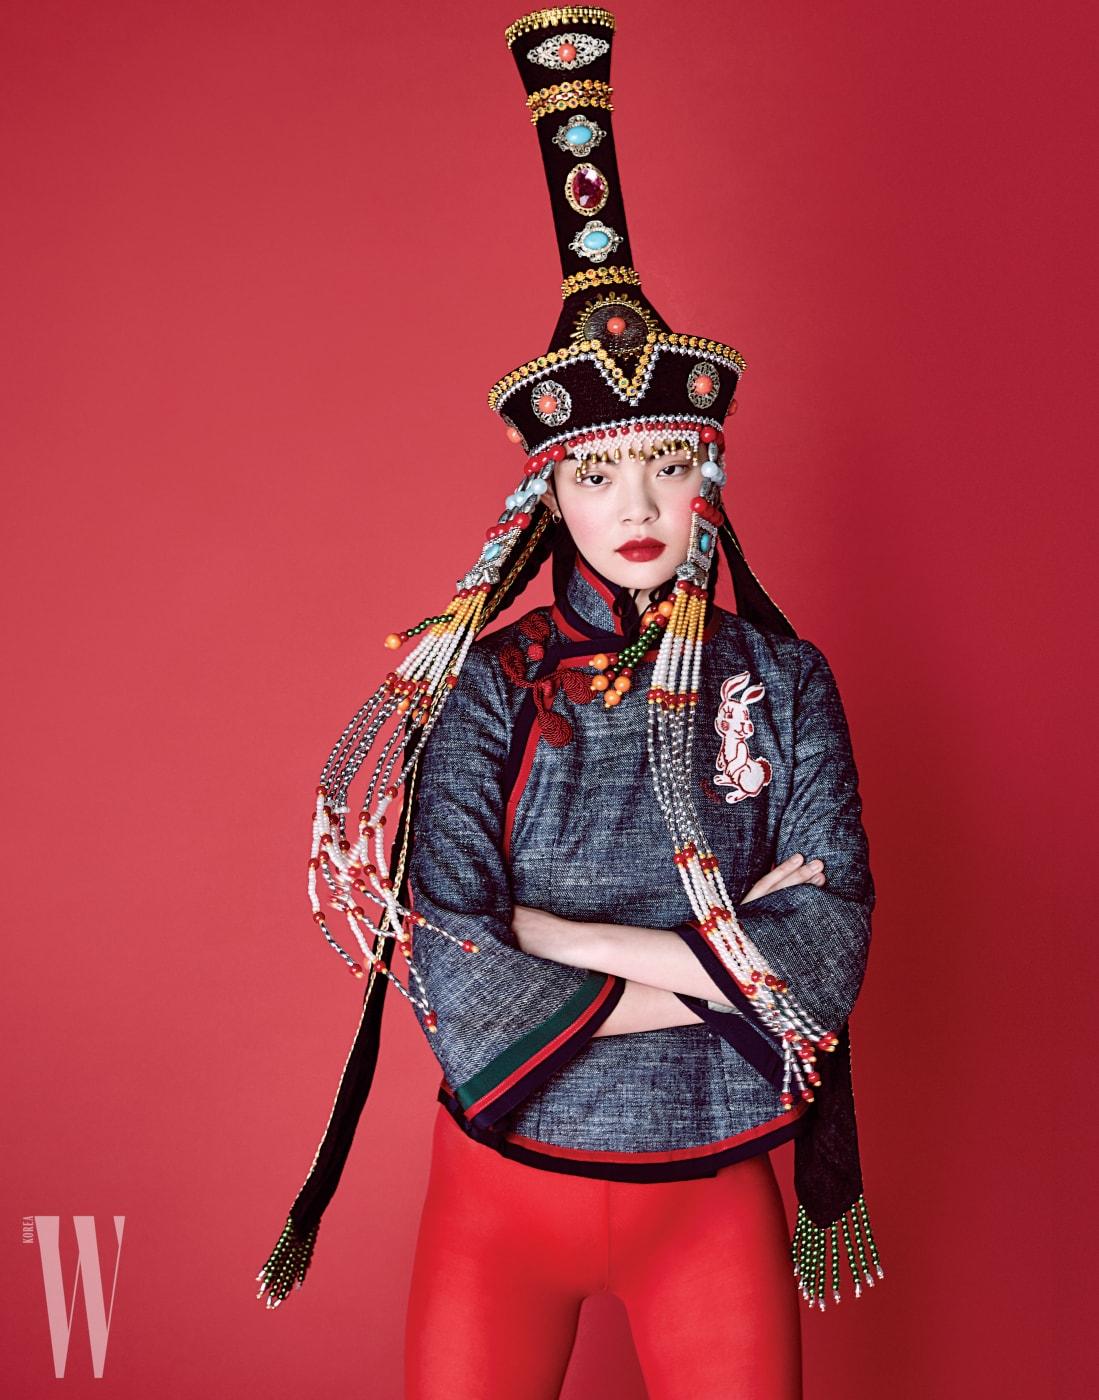 토끼 패치가 장식된 중국풍톱은Gucci 제품.